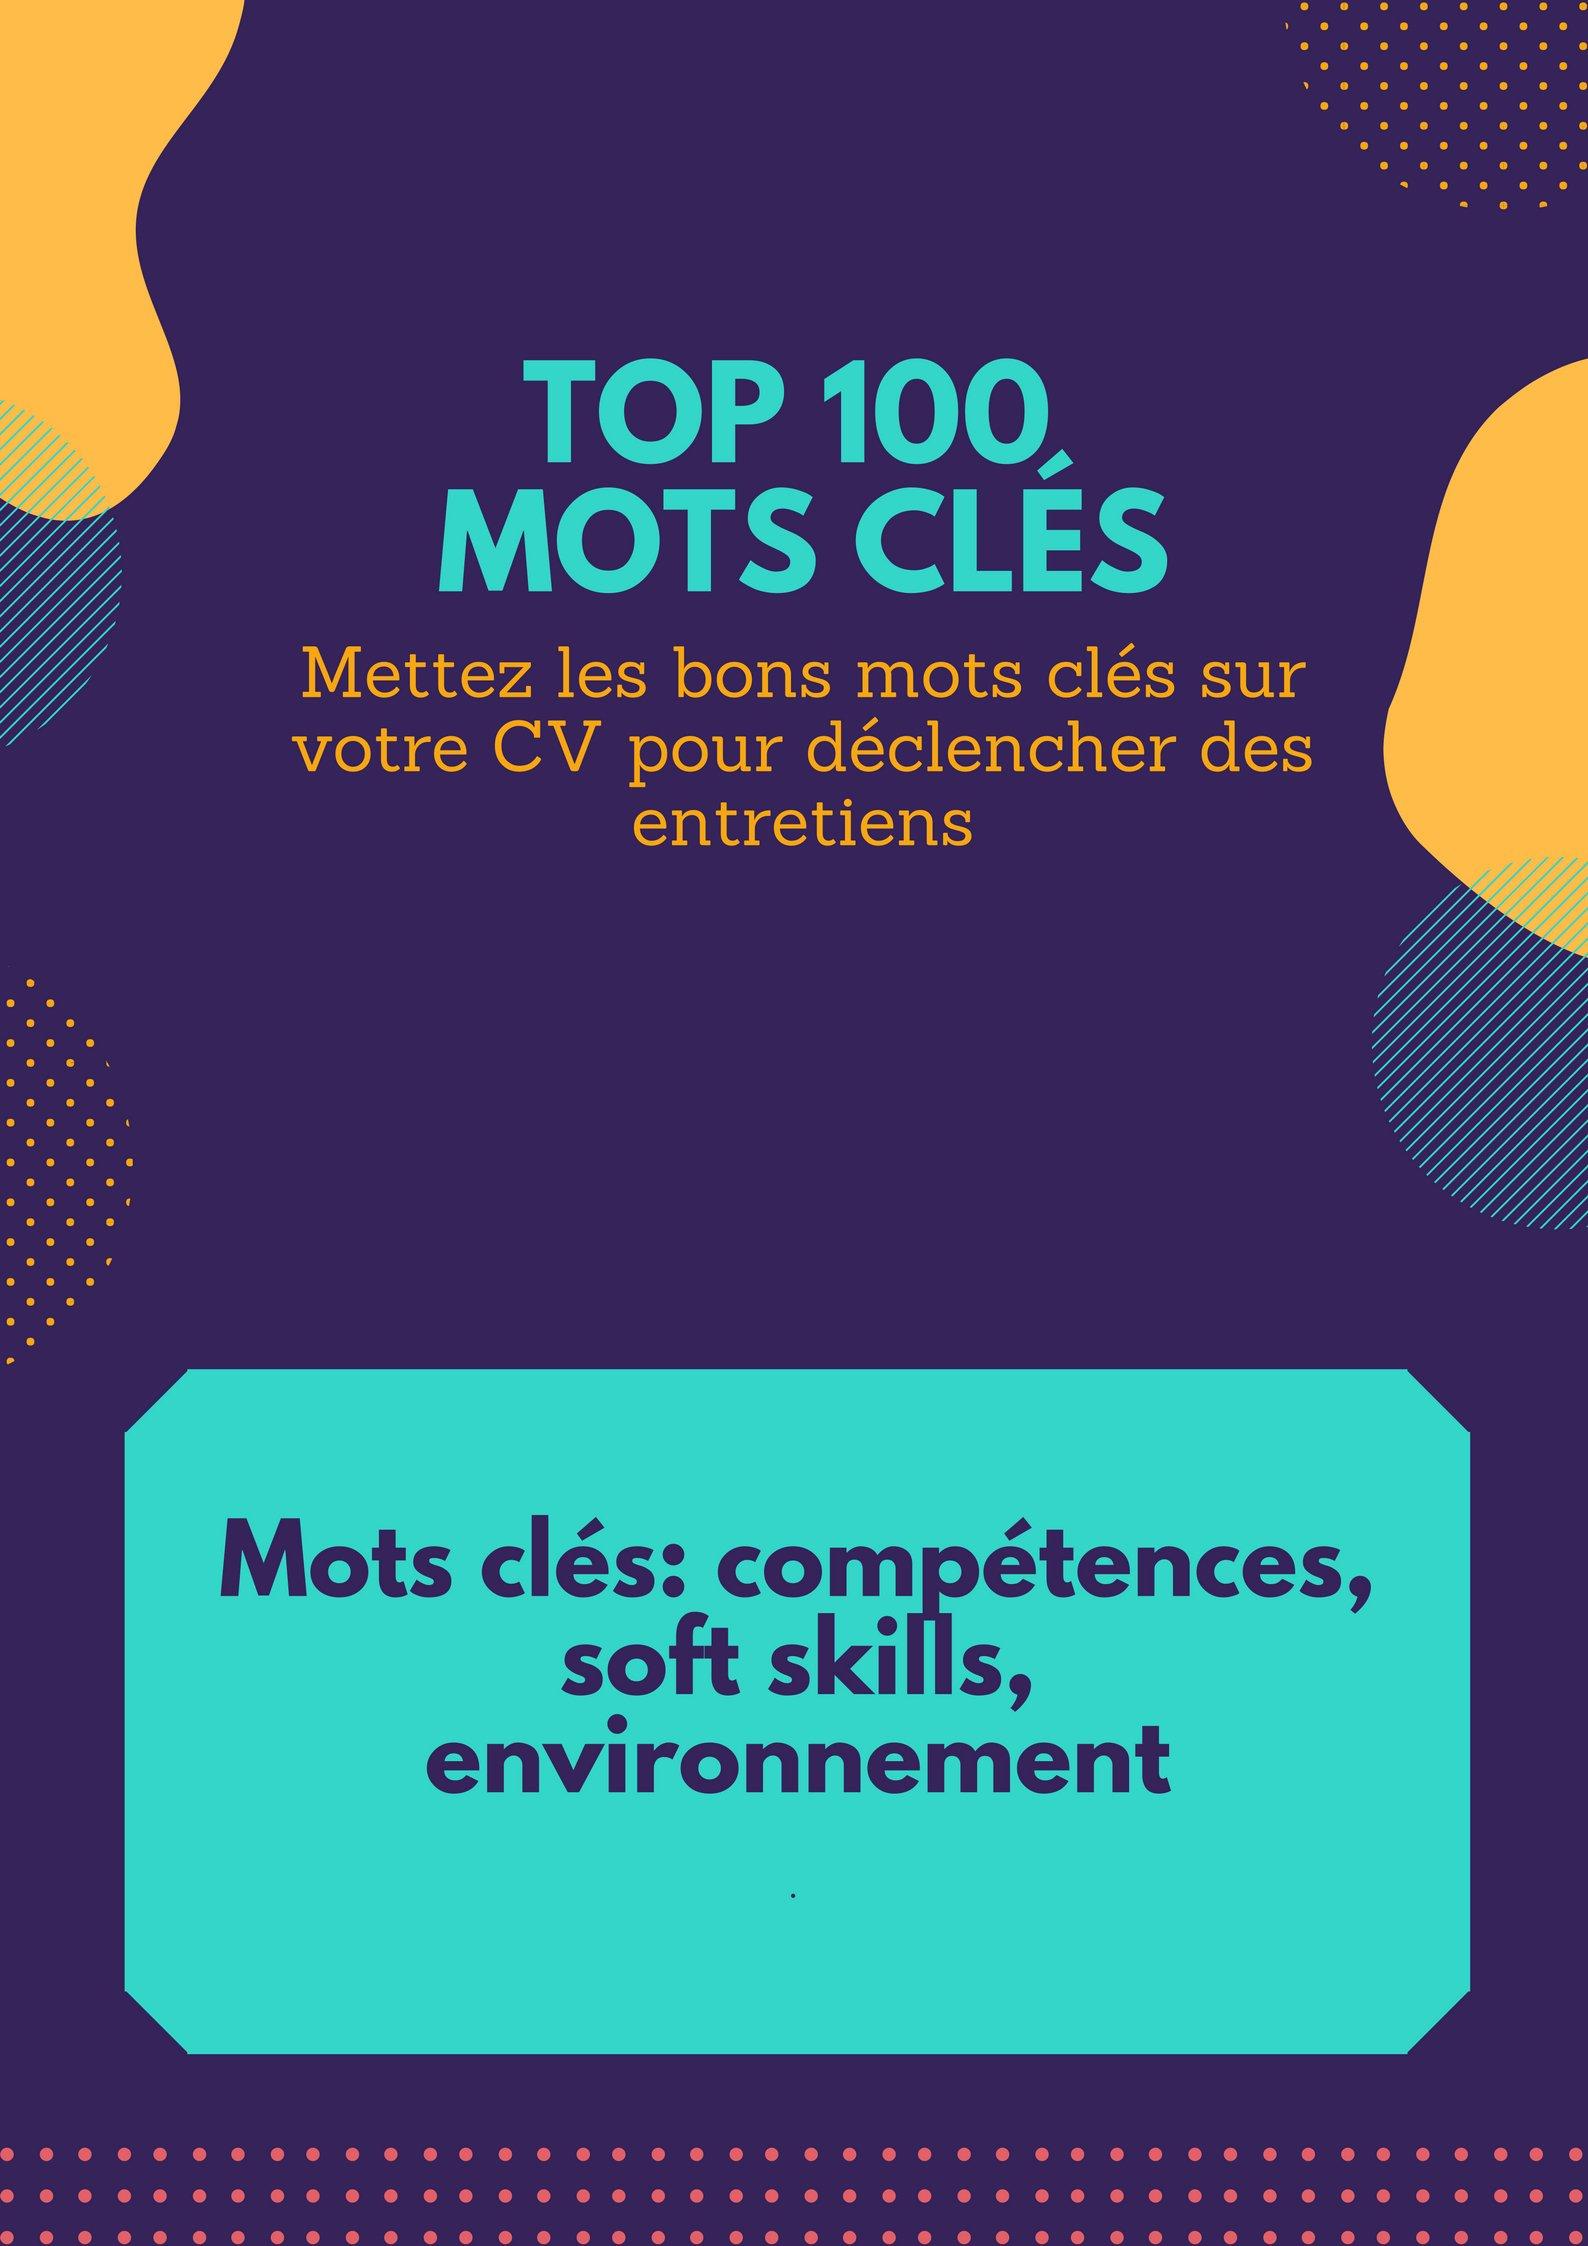 2-TOP 100 mots clés FICHES